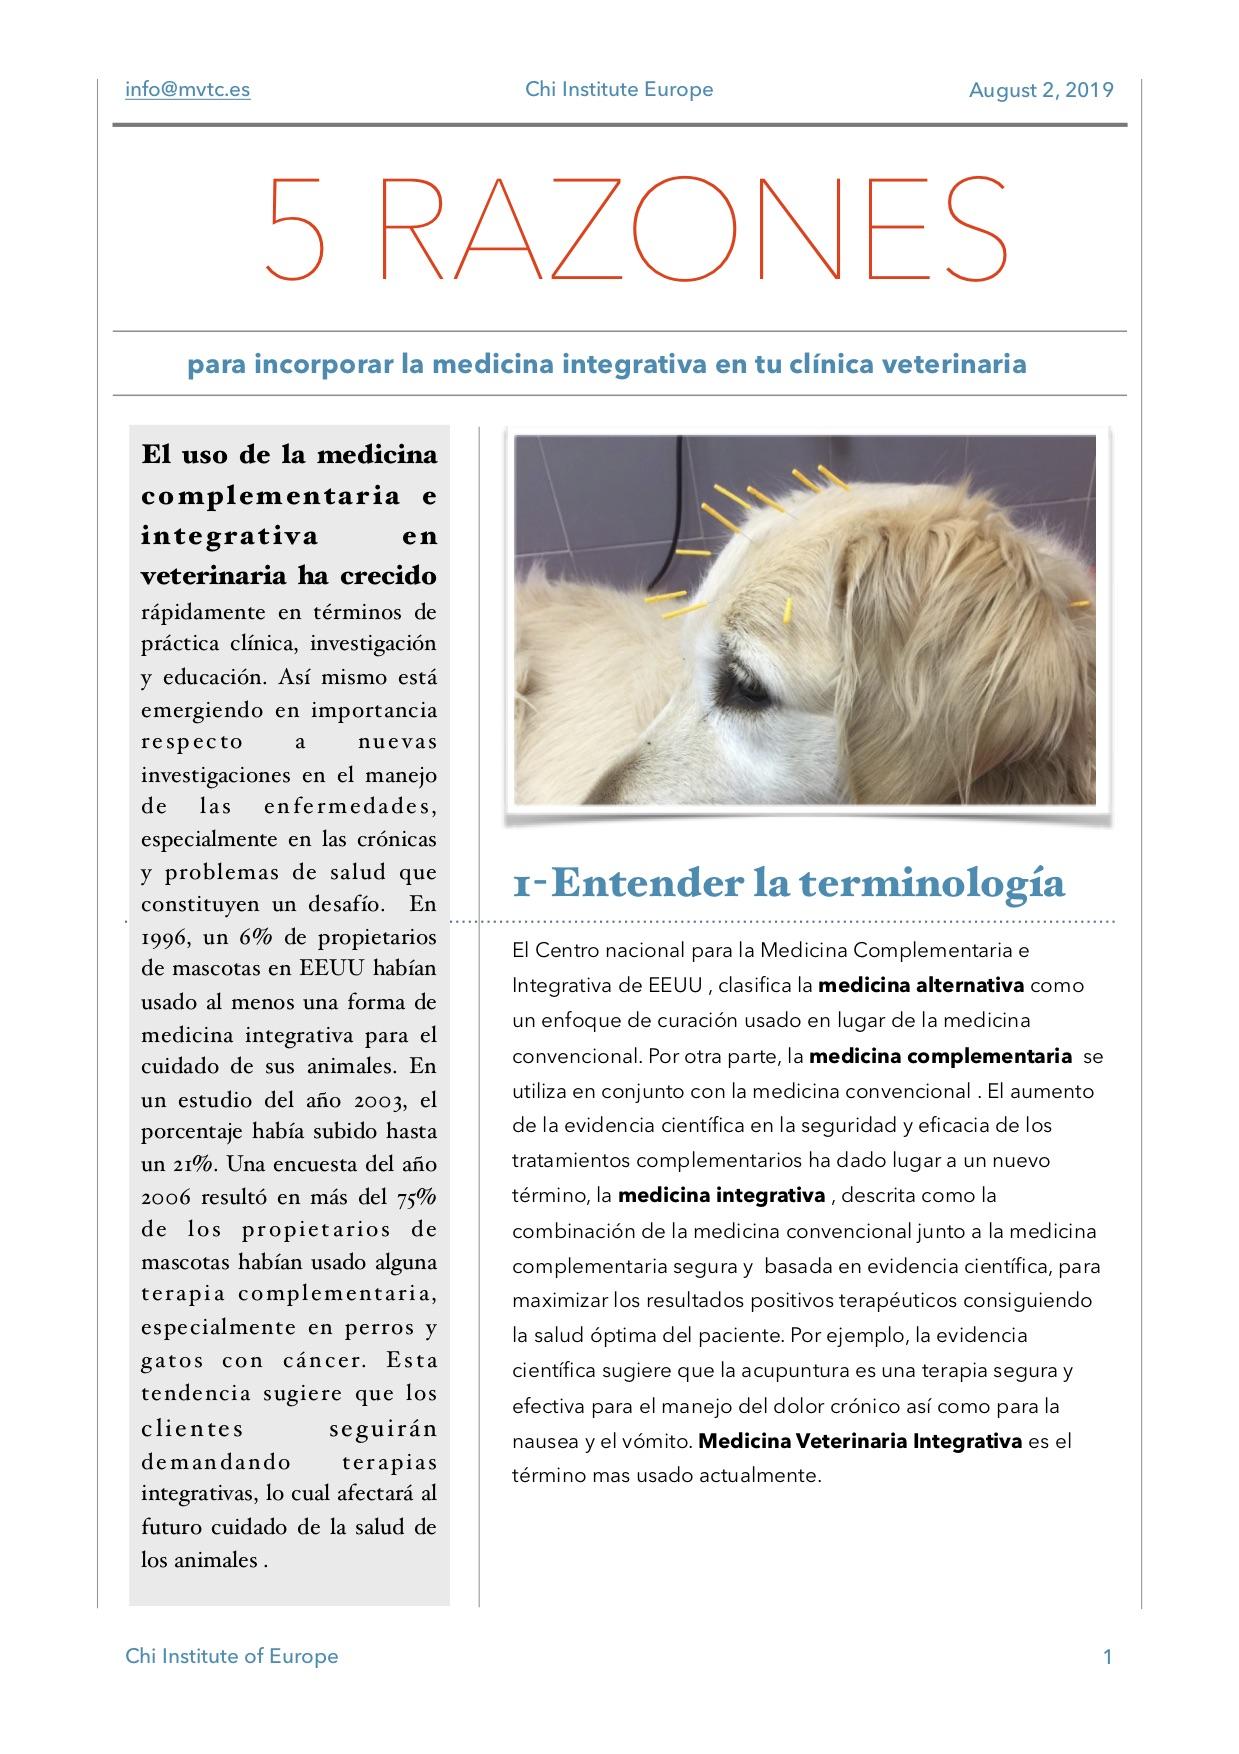 articulo divulgacion 5 razones para MVIntegrativa - pagina 1 .jpg